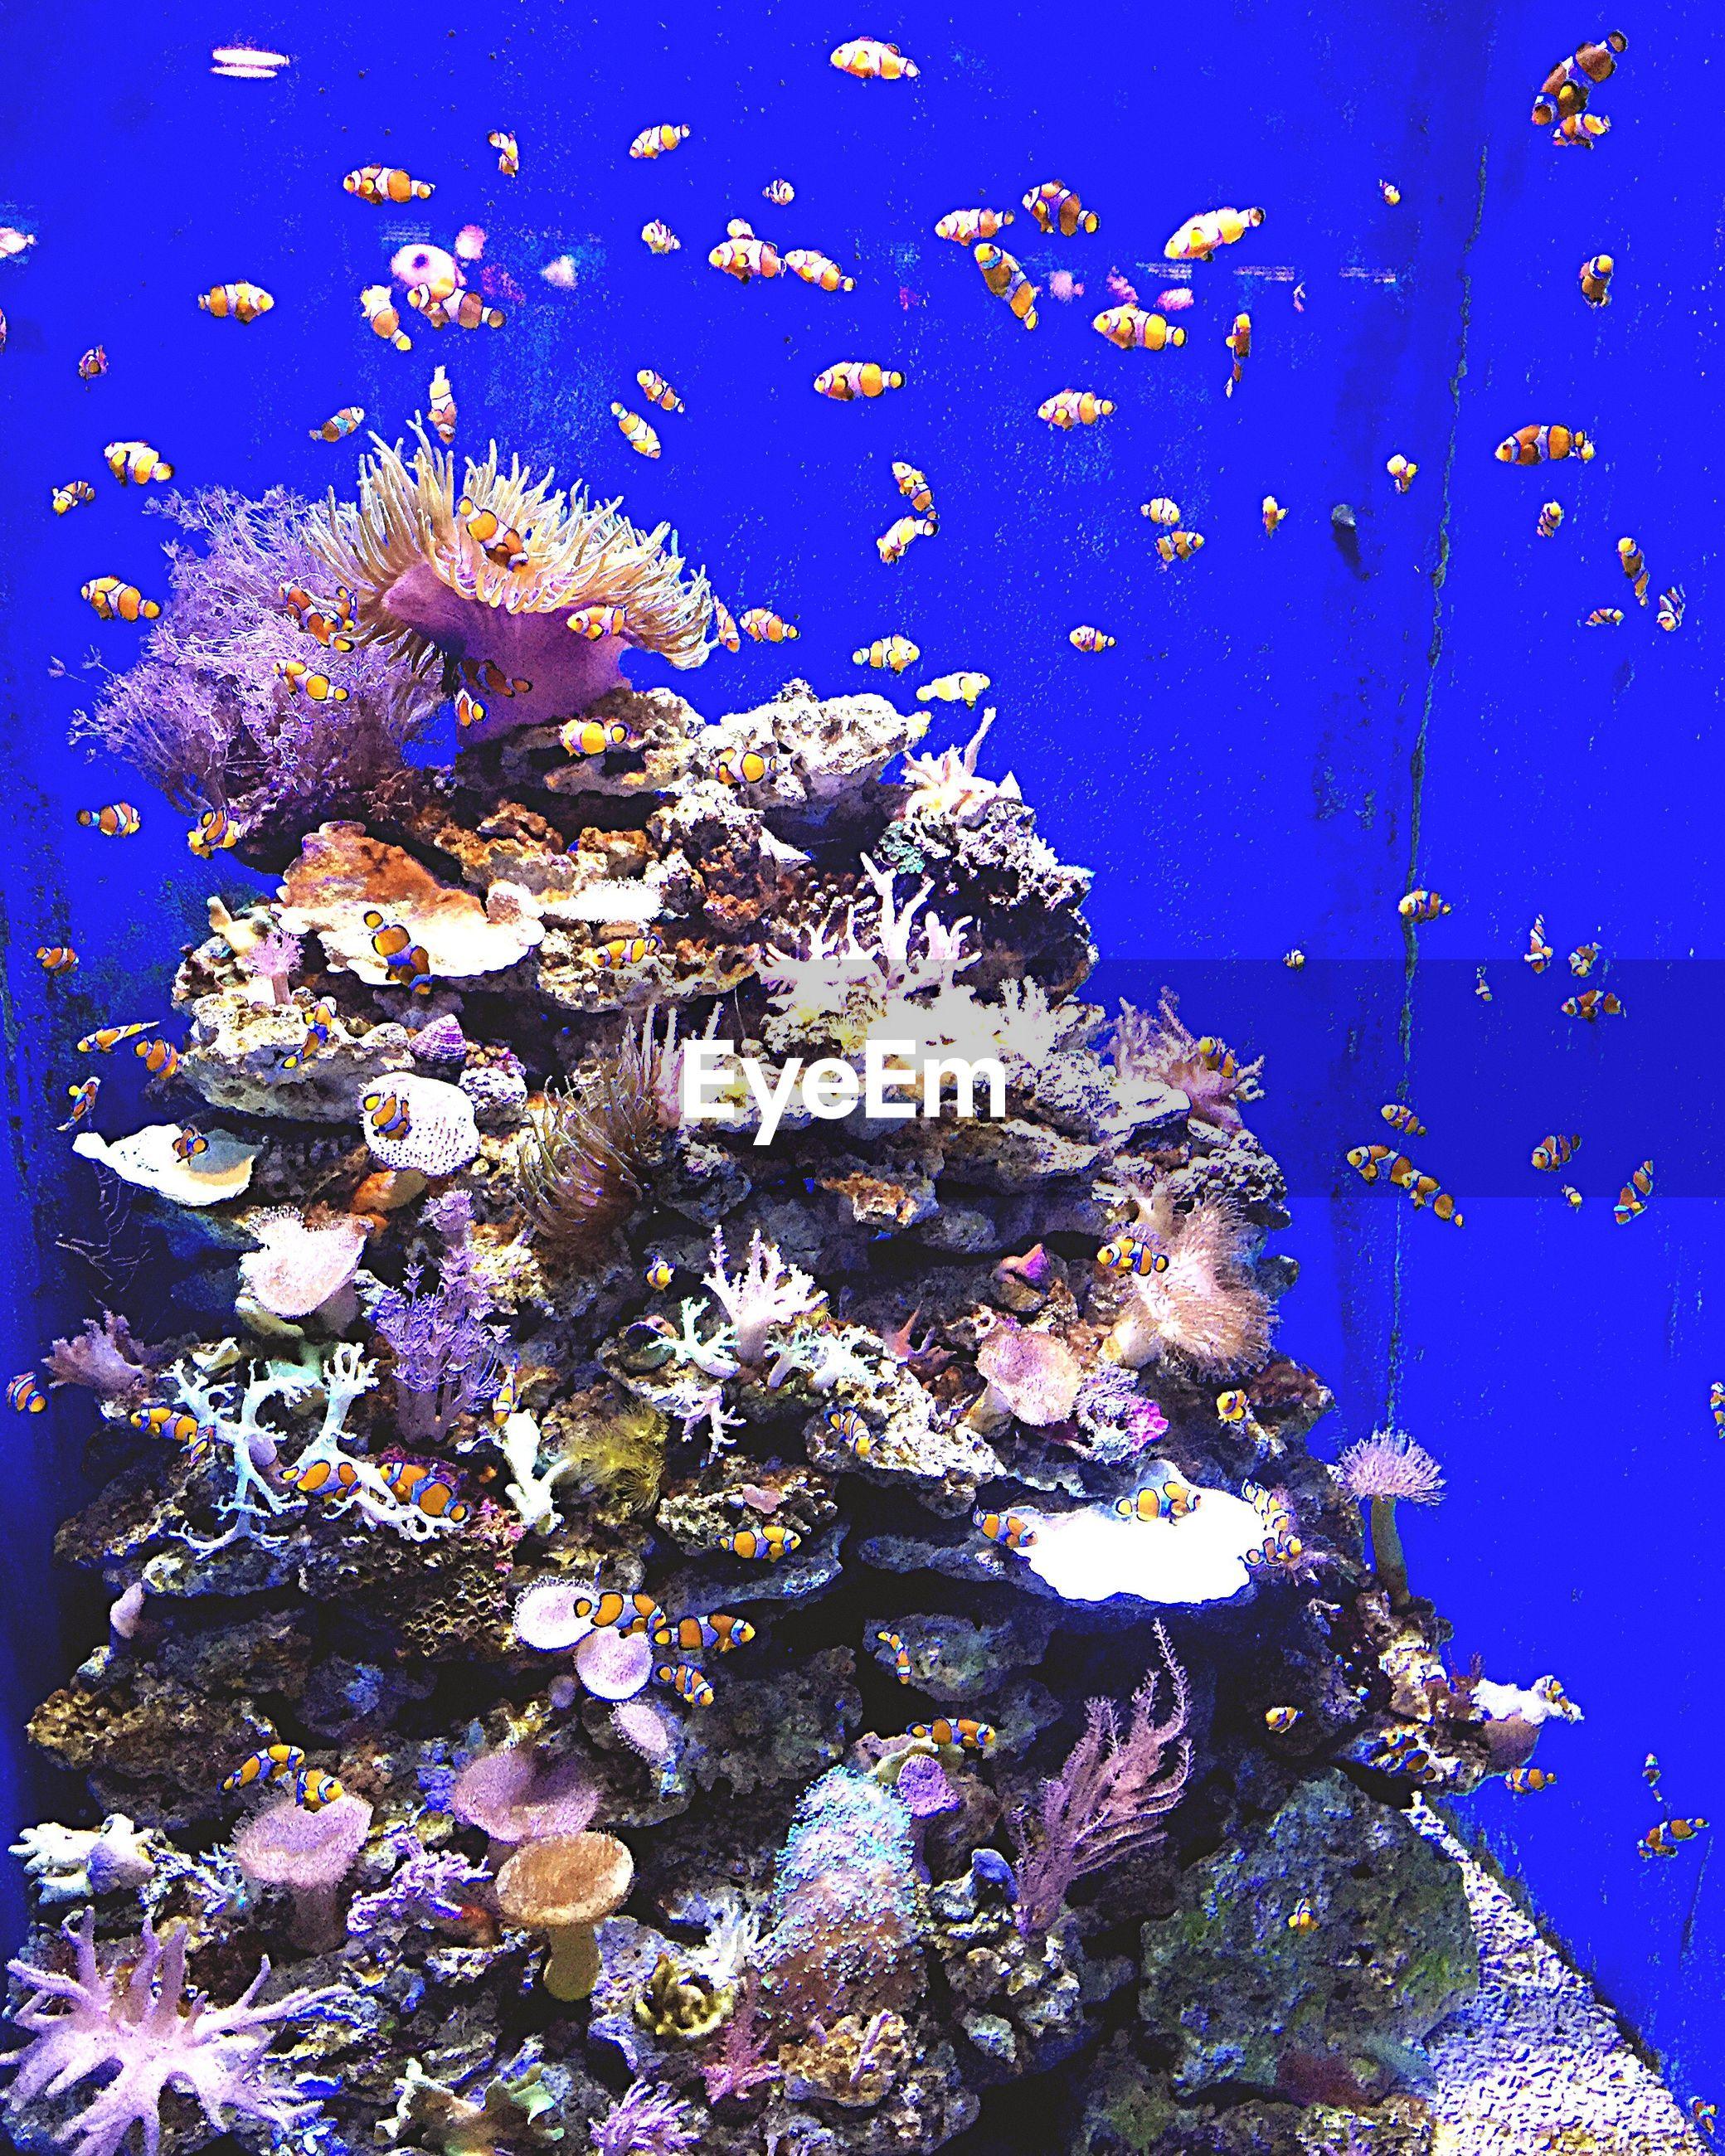 Clown fishes swimming in aquarium